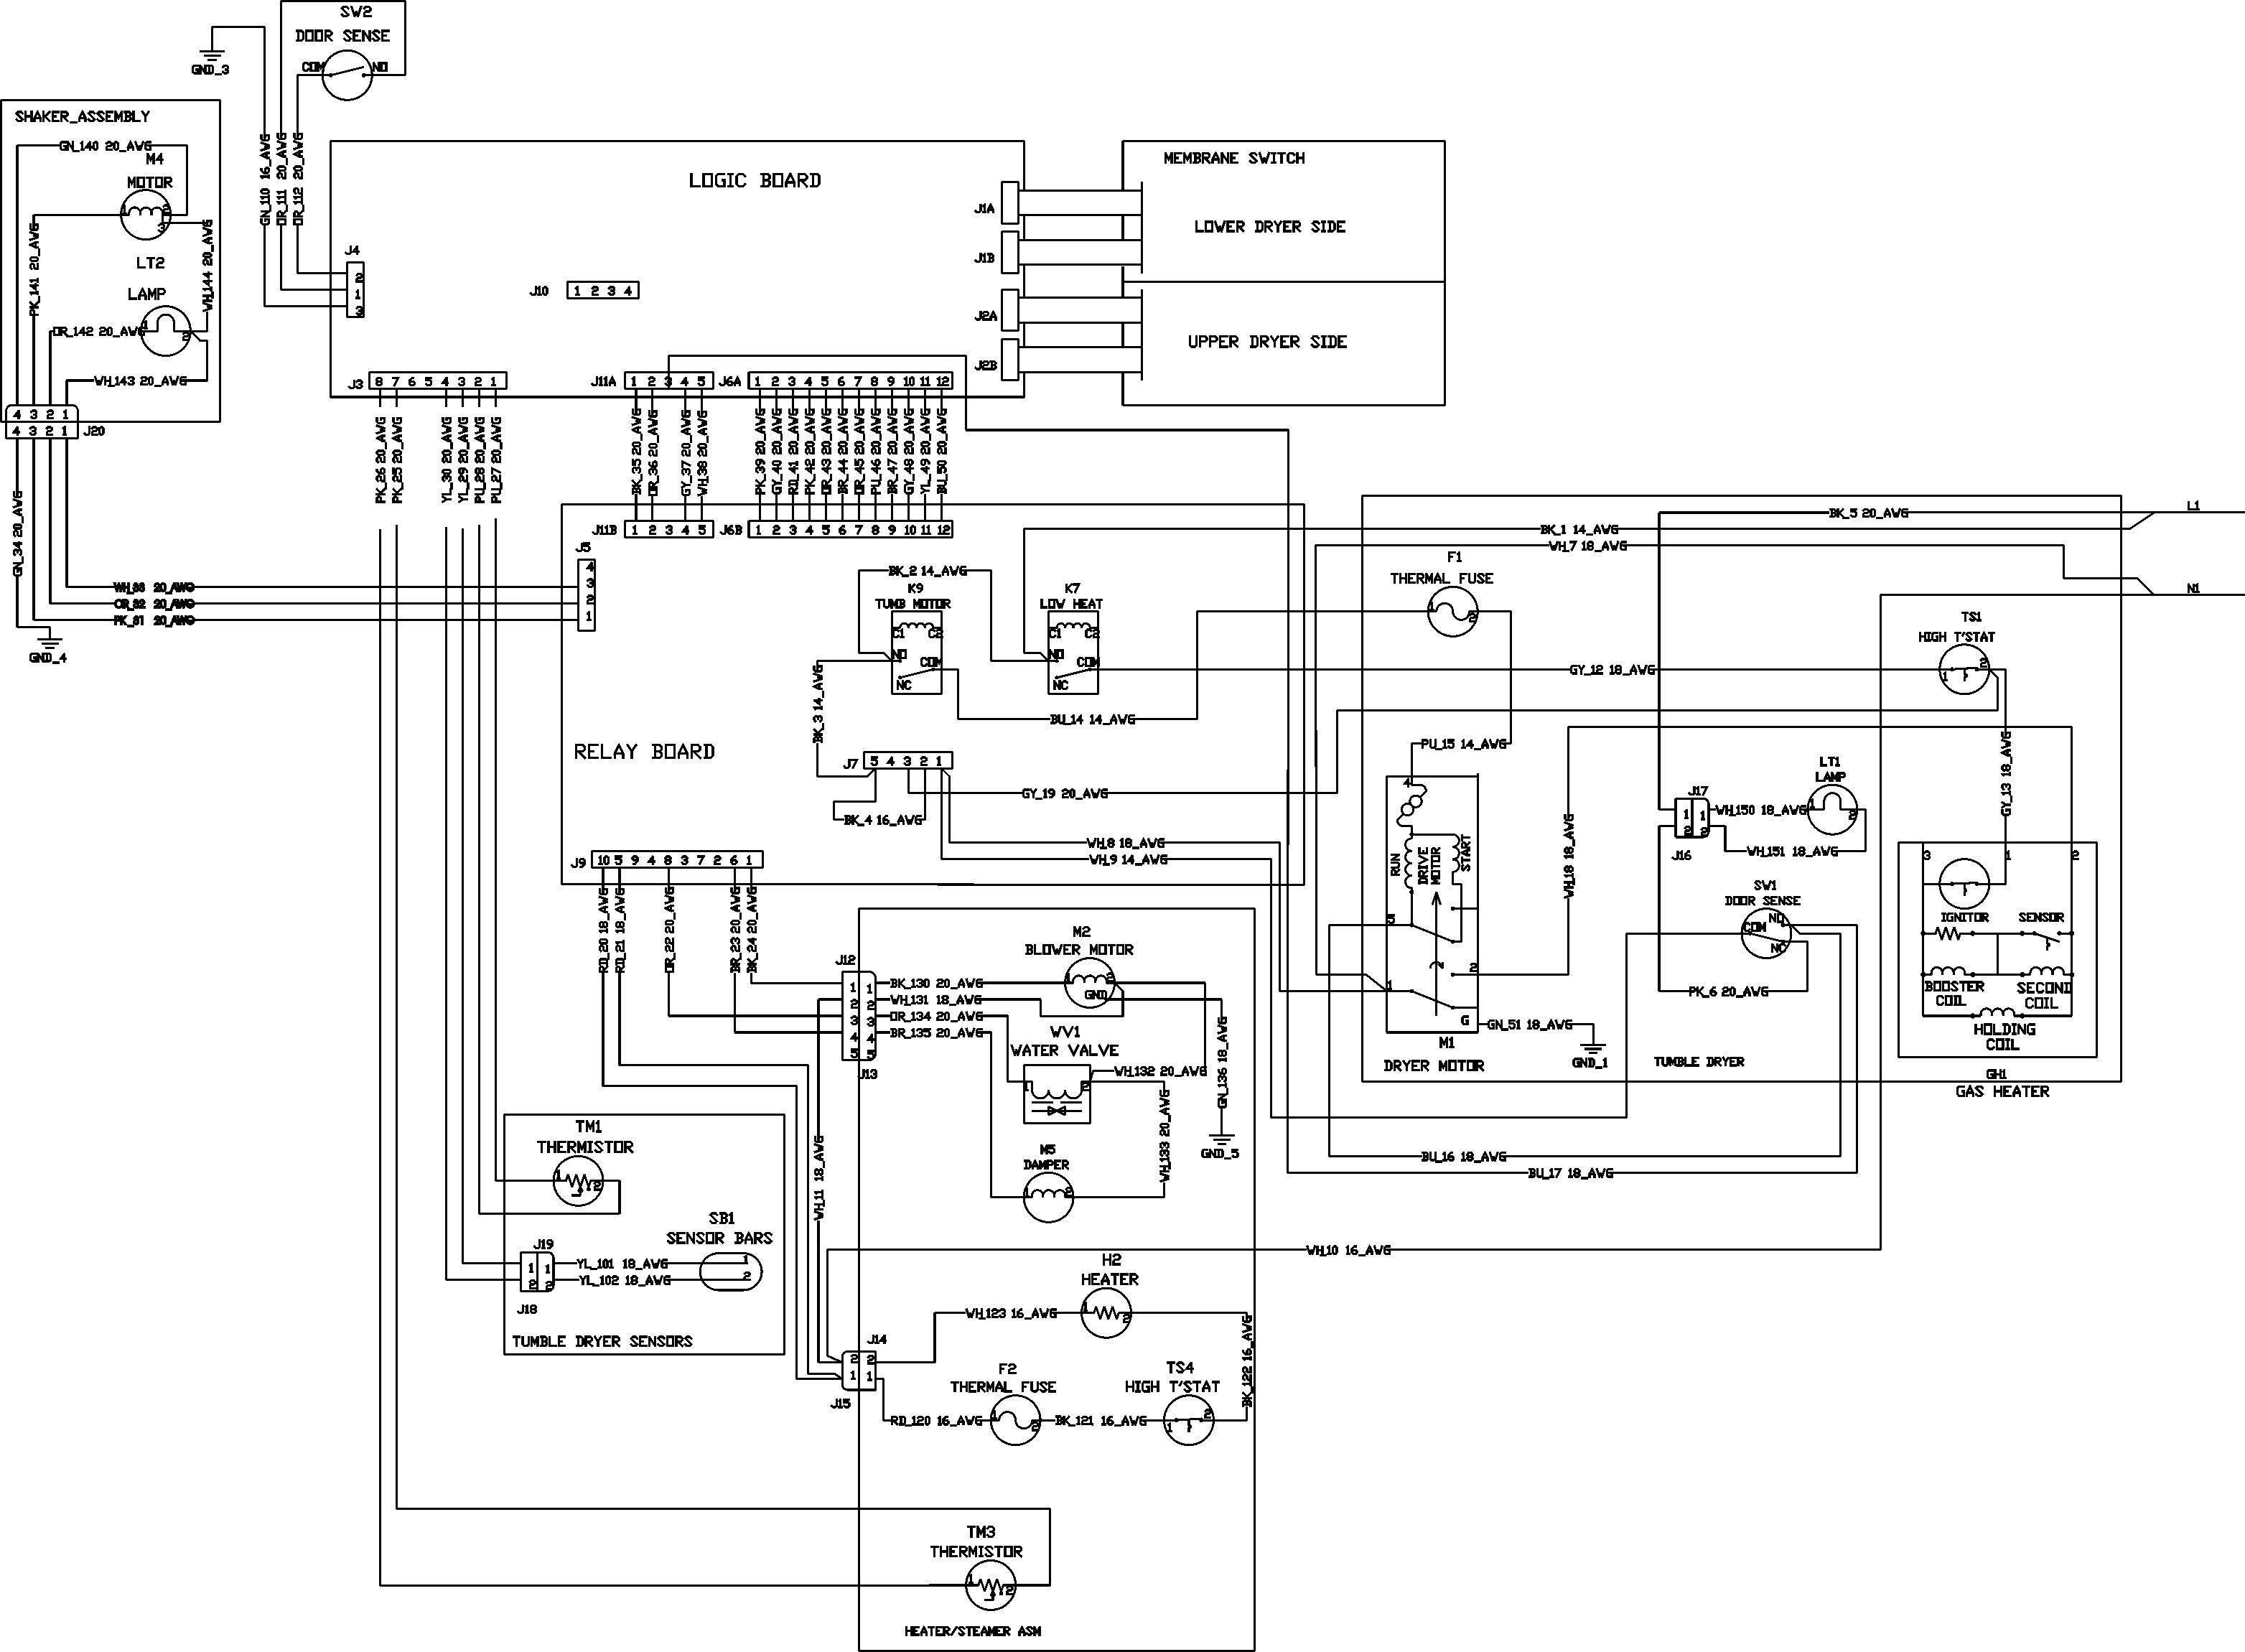 Maytag Dryer Wiring Diagram 283 Wiring Diagram Landrovers Yenpancane Jeanjaures37 Fr